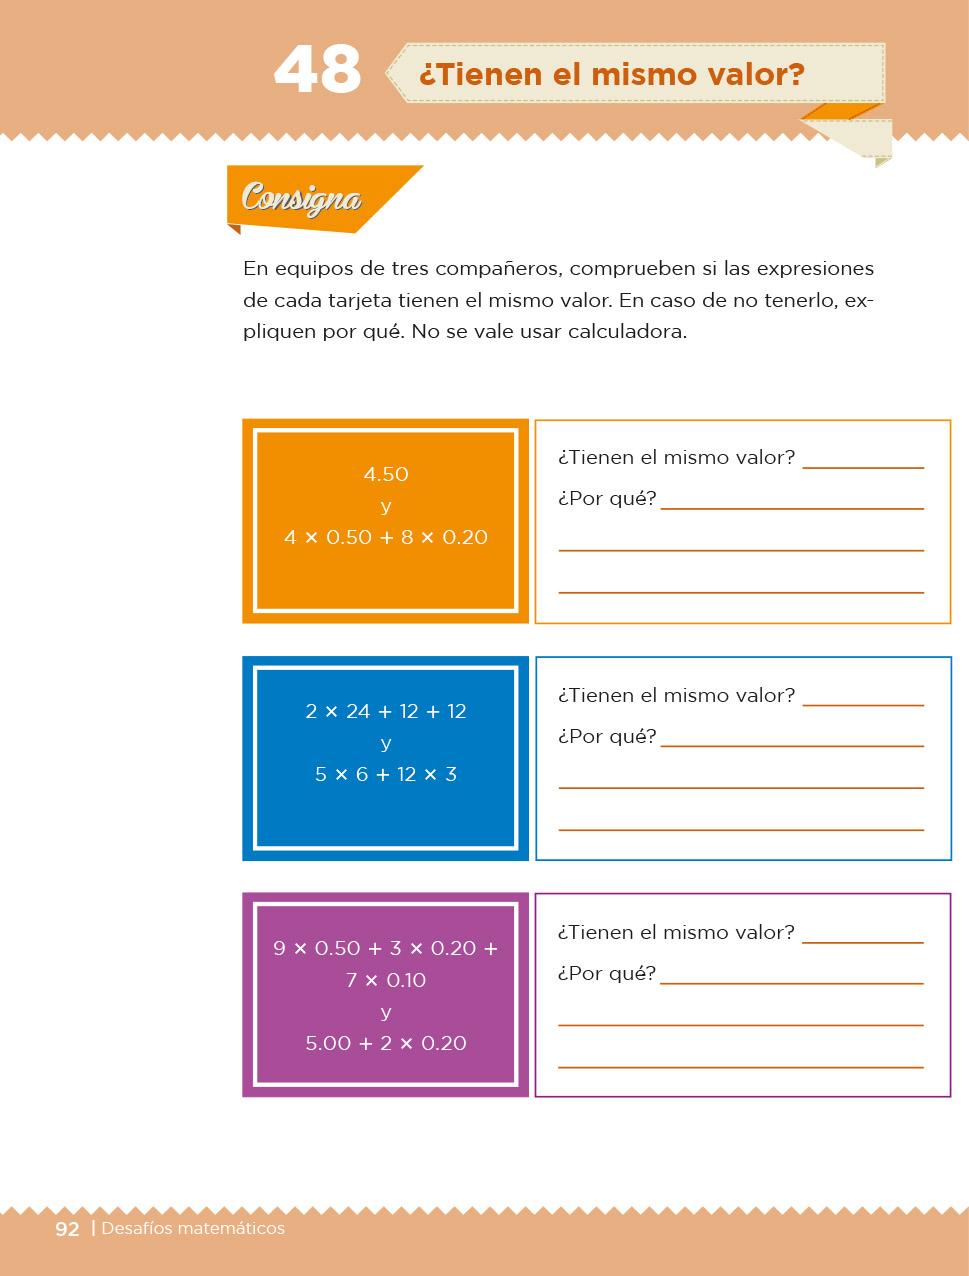 Desafíos Matemáticos Cuarto grado 2020-2021 - Página 92 de